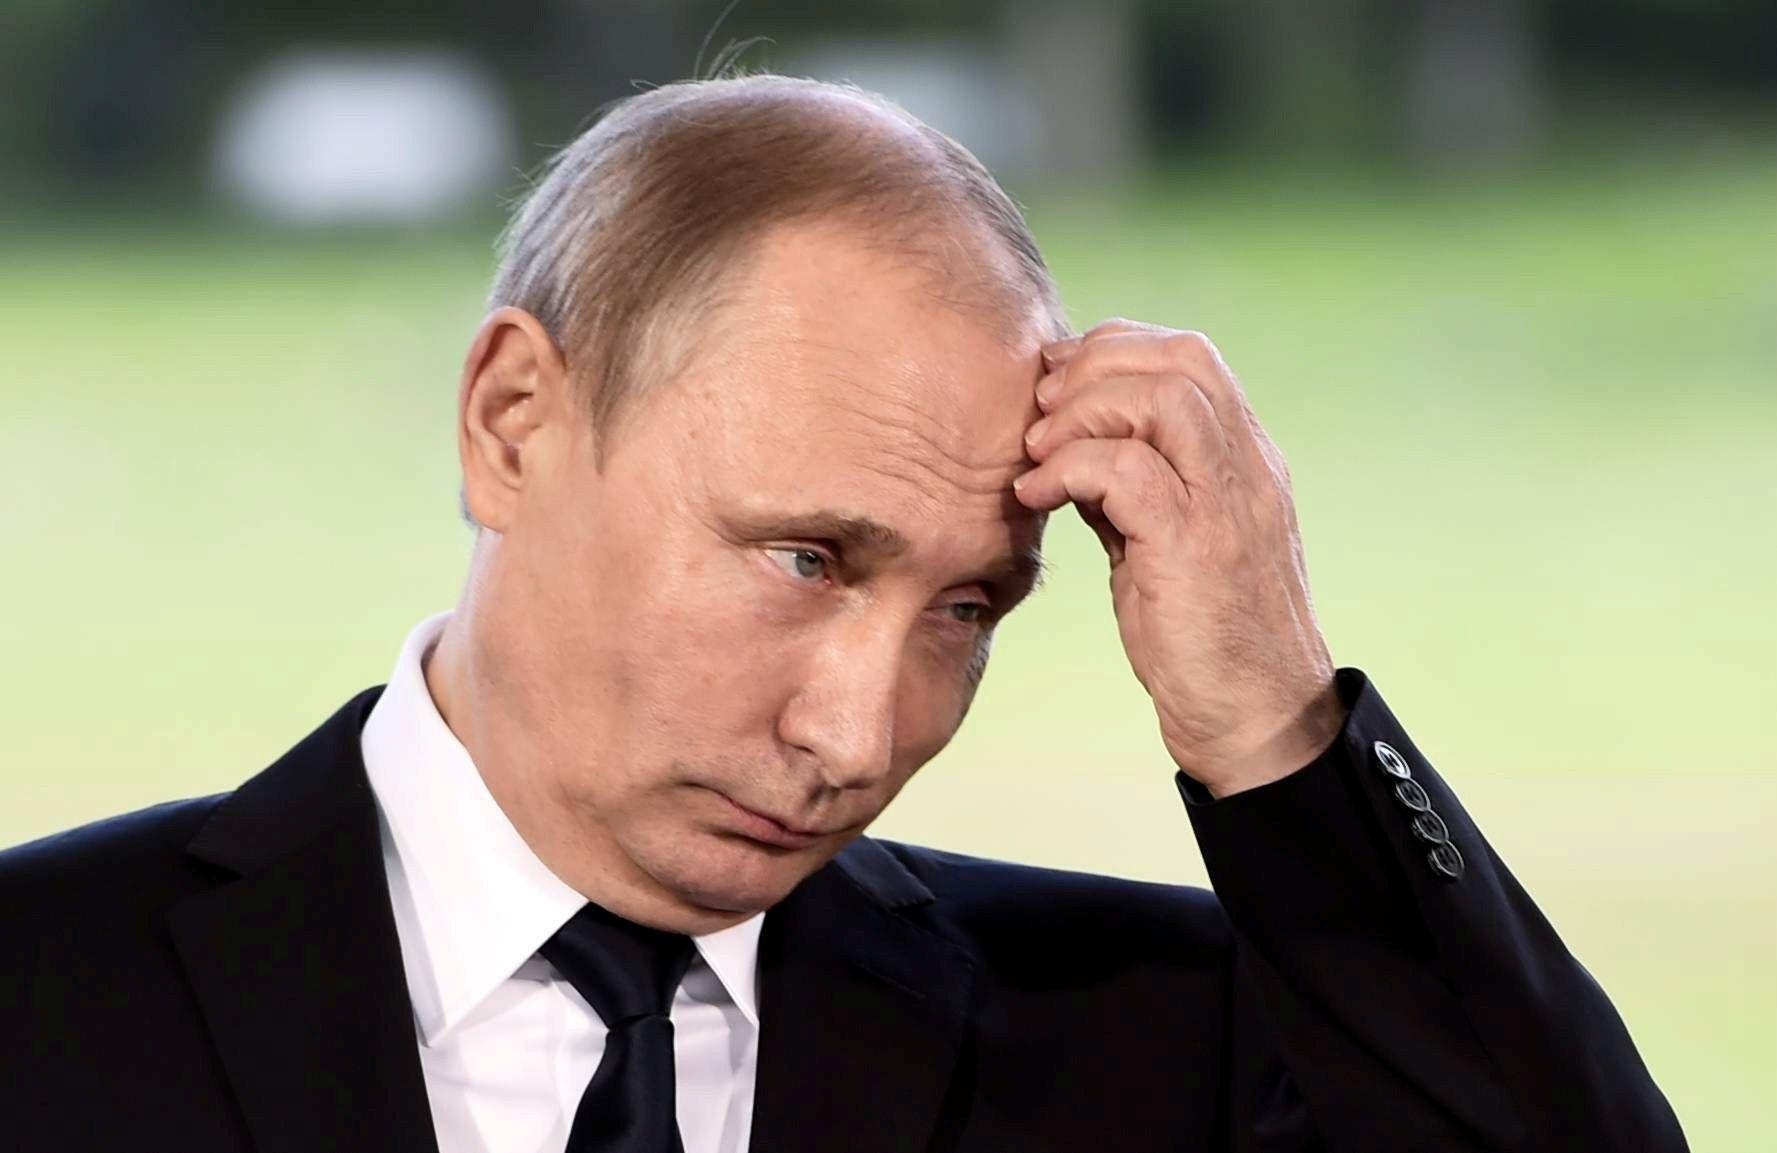 Russie : des législatives où se prépare surtout un quatrième mandat de Vladimir Poutine